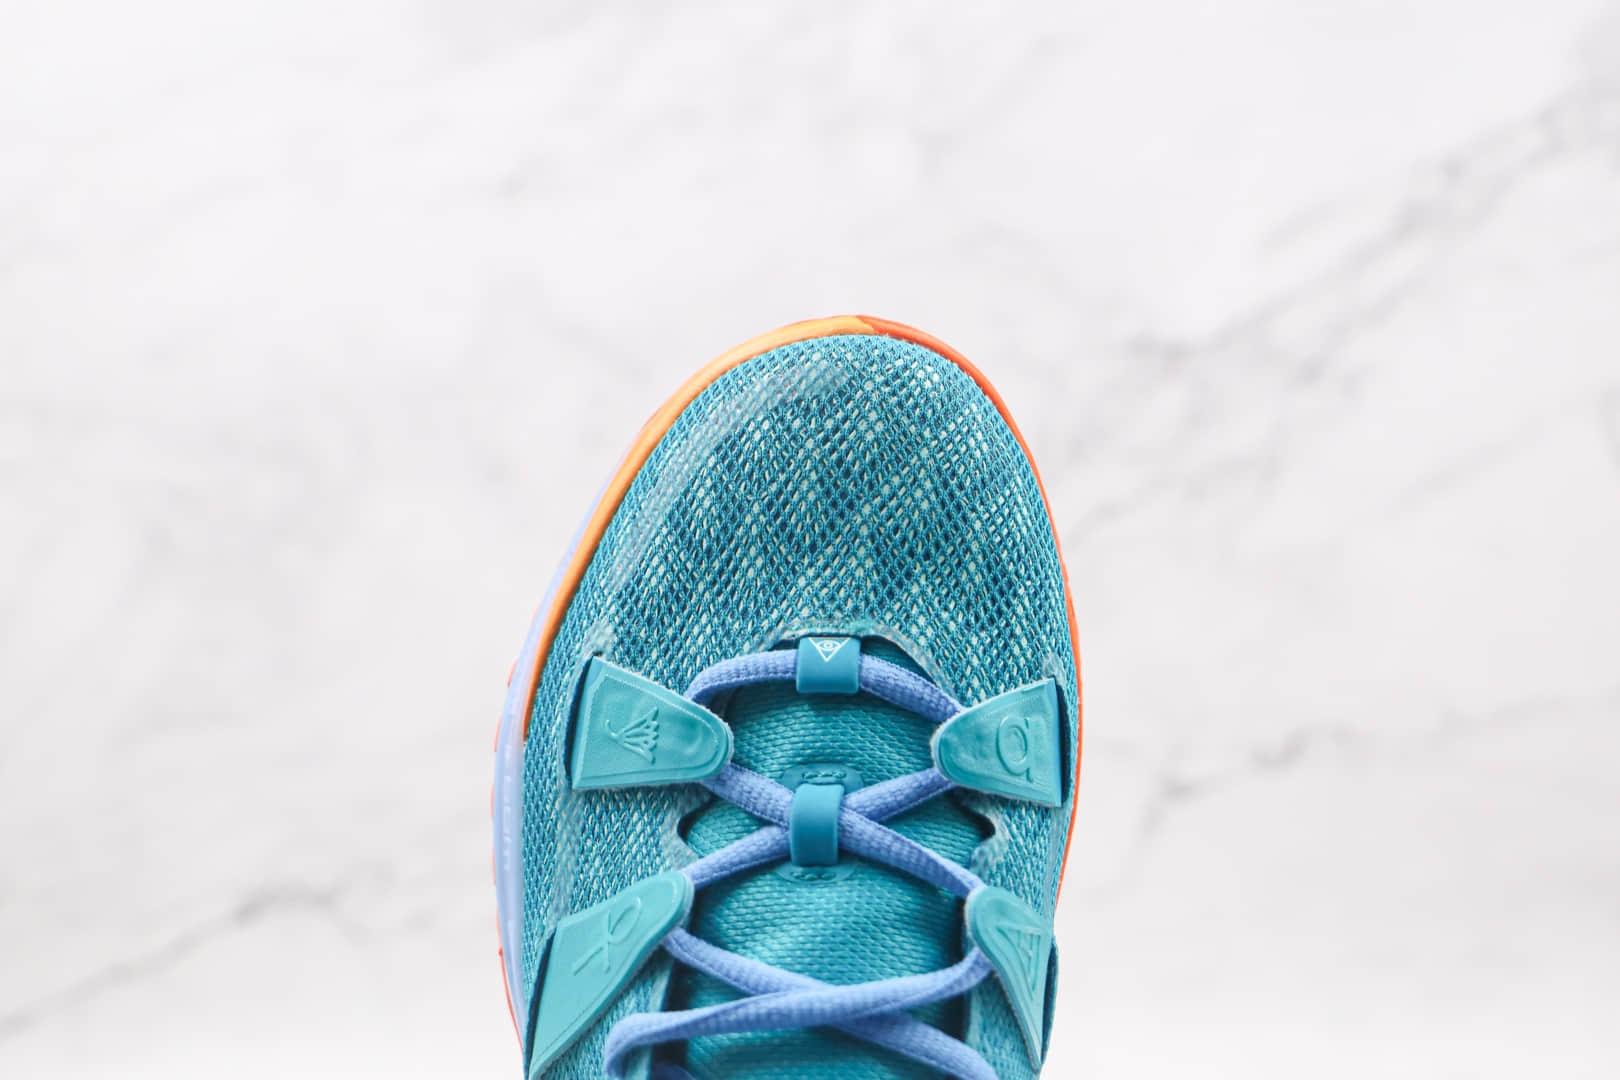 耐克Nike Kyrie 7 Ep纯原版本欧文7代蓝橘色篮球鞋内置气垫支持实战 货号:CT1137-900